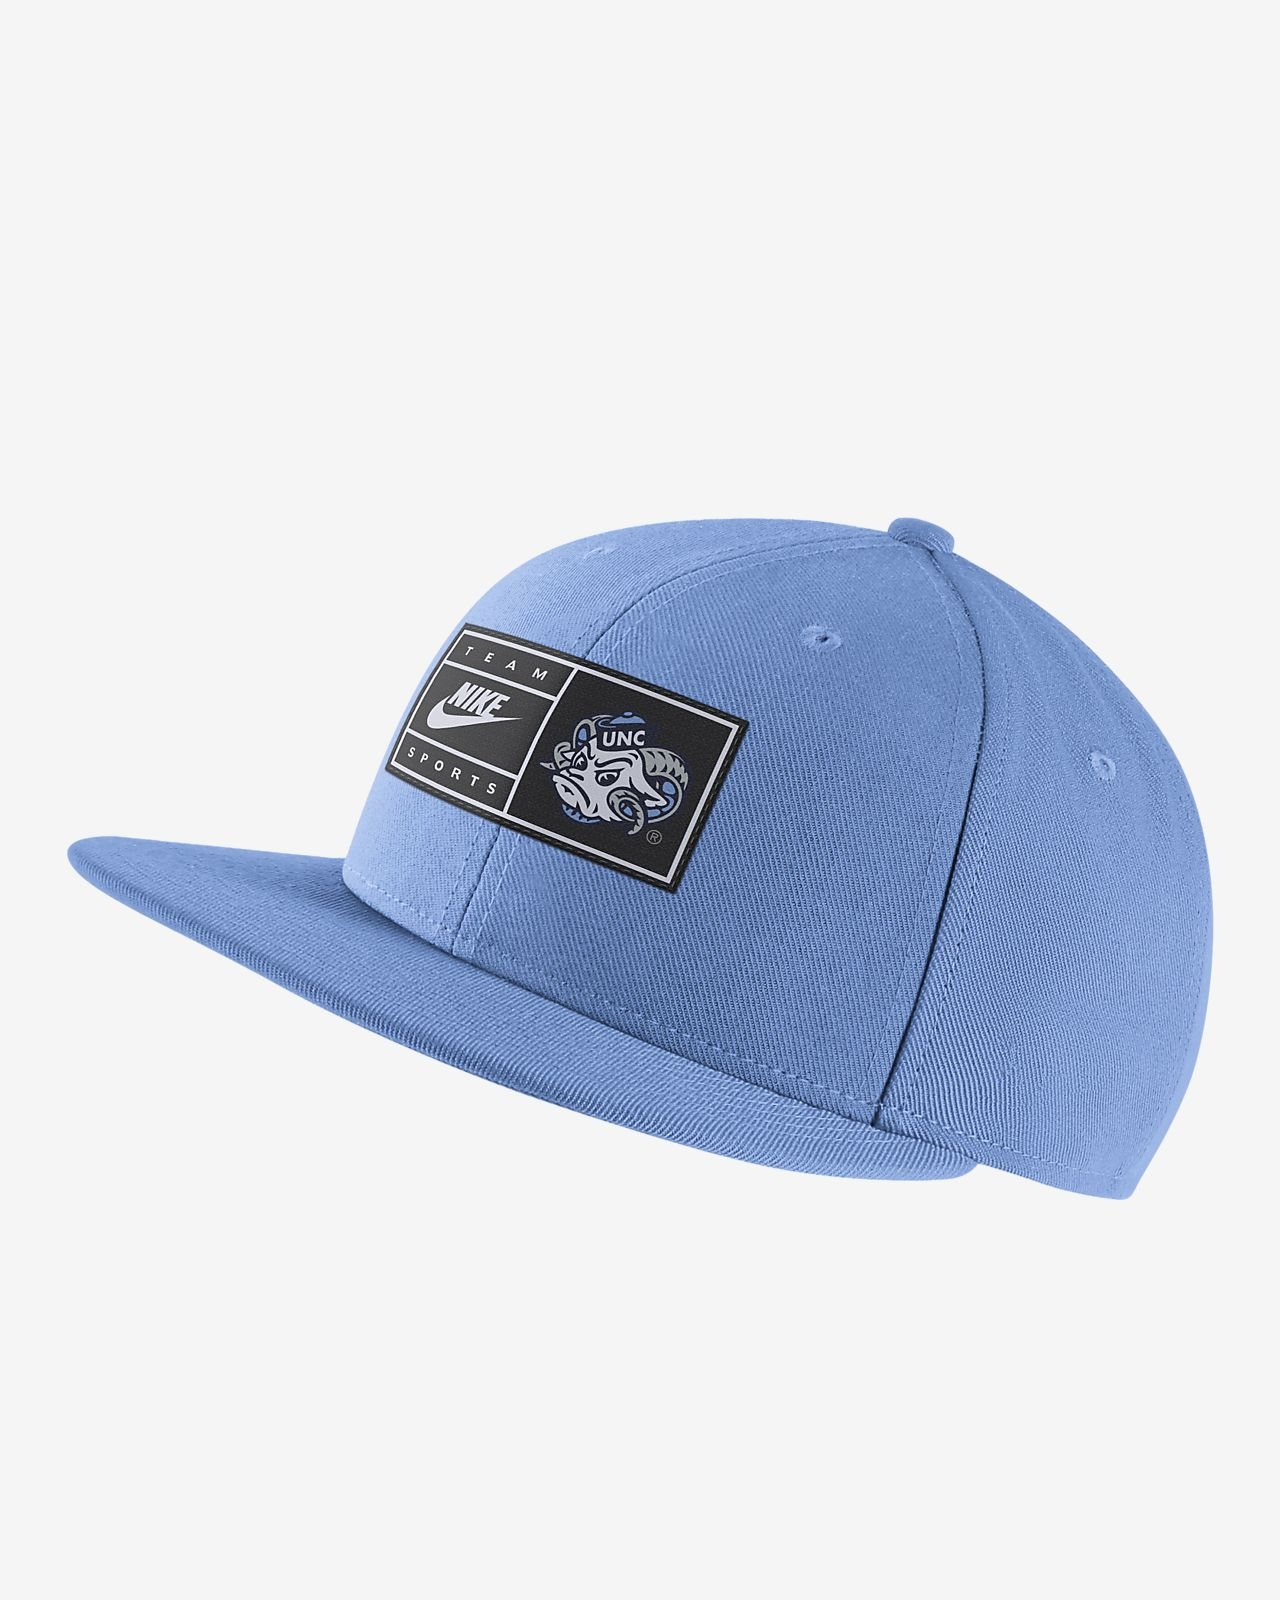 e3cf4cf5a34 Nike College Pro Retro (UNC) Hat. Nike.com